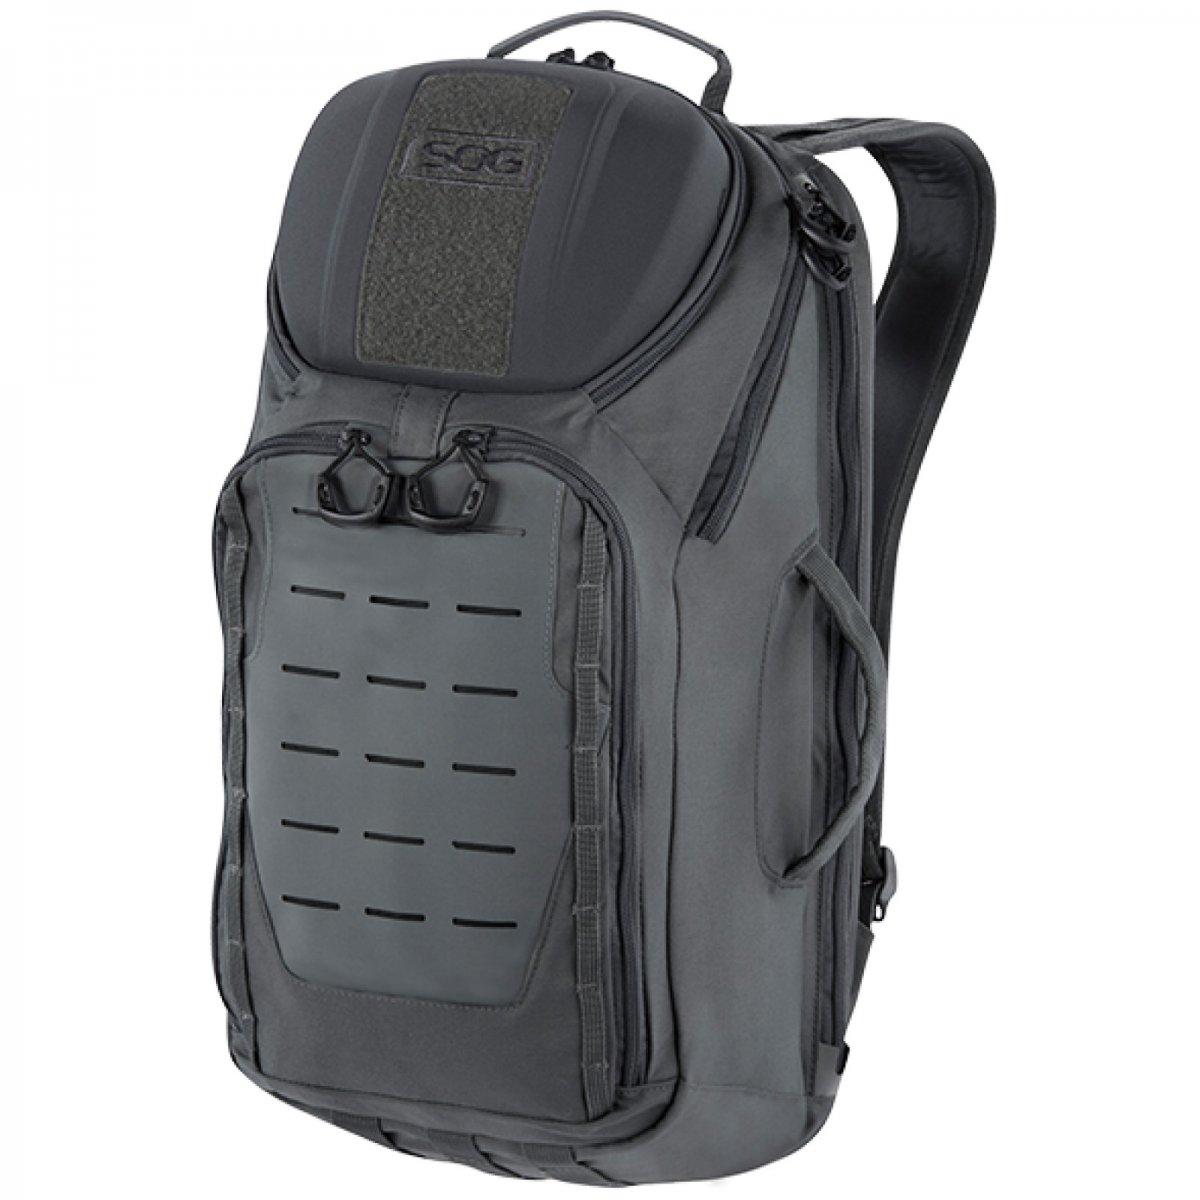 SOG TOC 20L - Ryggsäckar - Väskor   Ryggsäckar 622d1c33ae07e